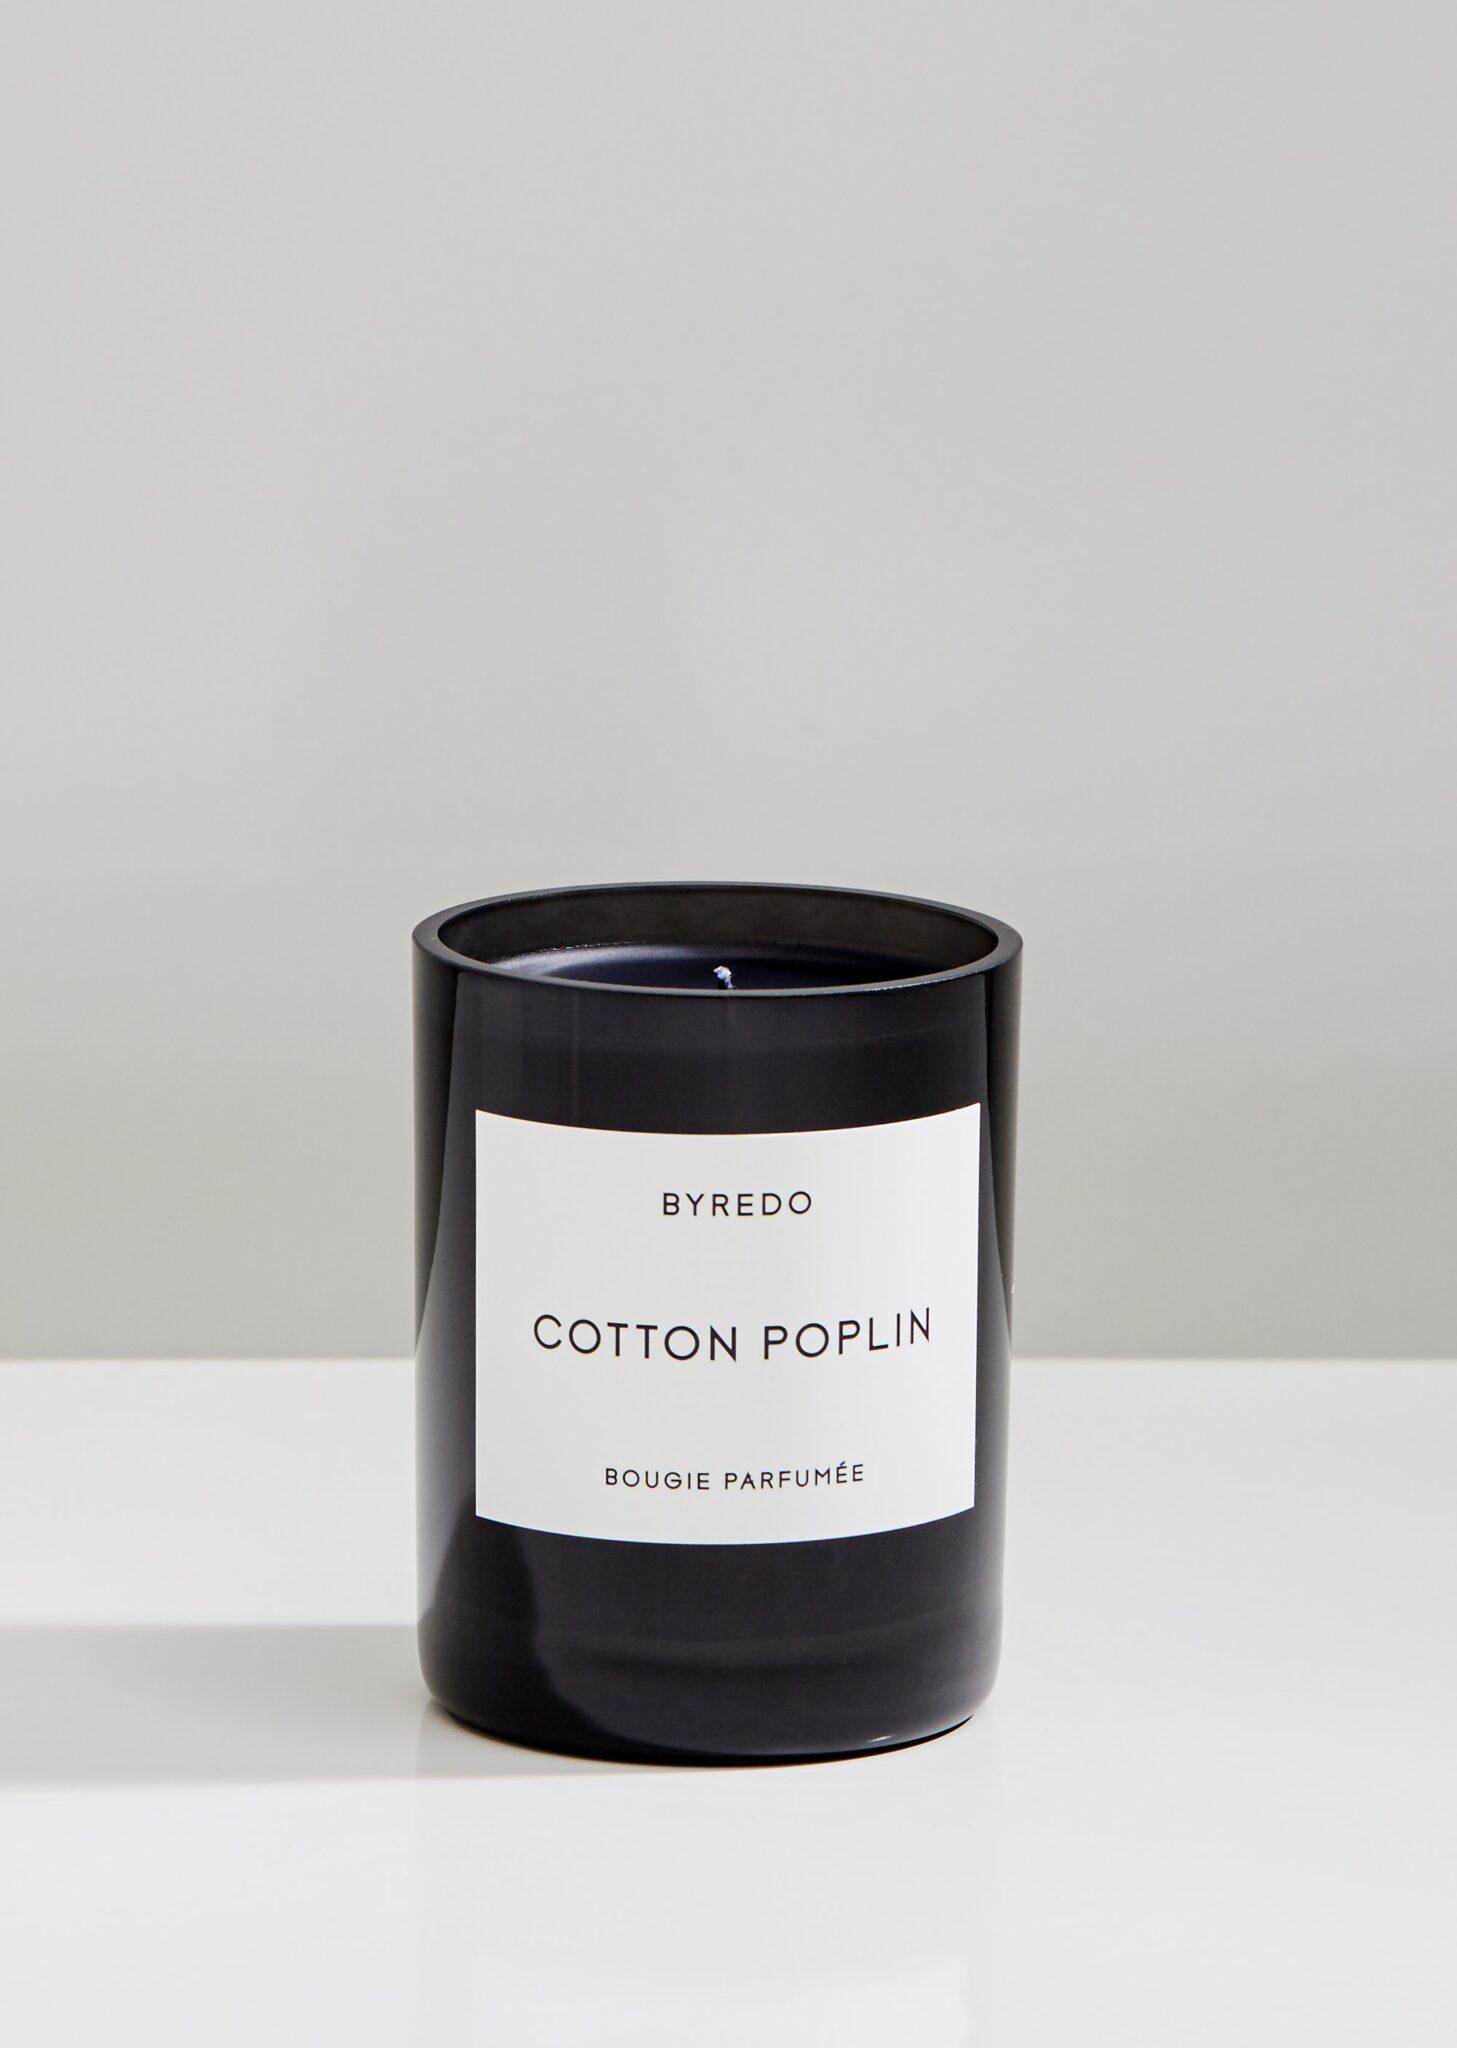 Et duftlys som skal minne om lukten av nyvasket lin fra Byredo.